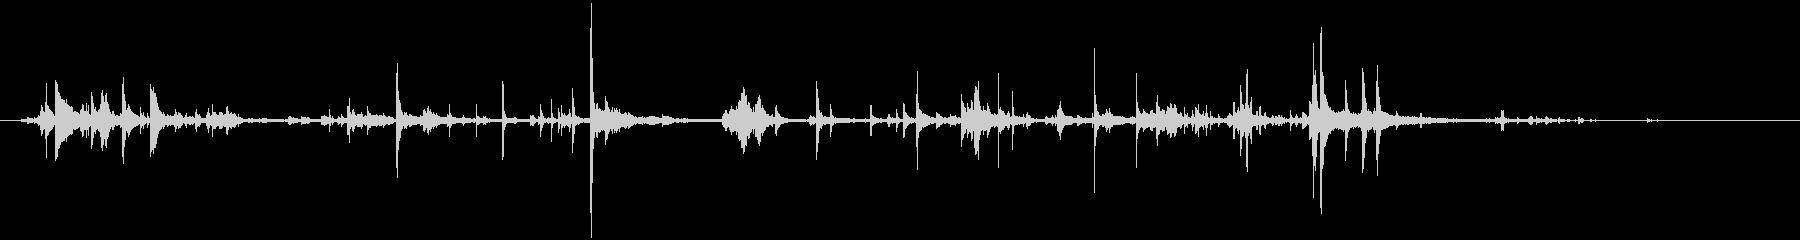 金属製セルドア:キー、ヘビージング...の未再生の波形